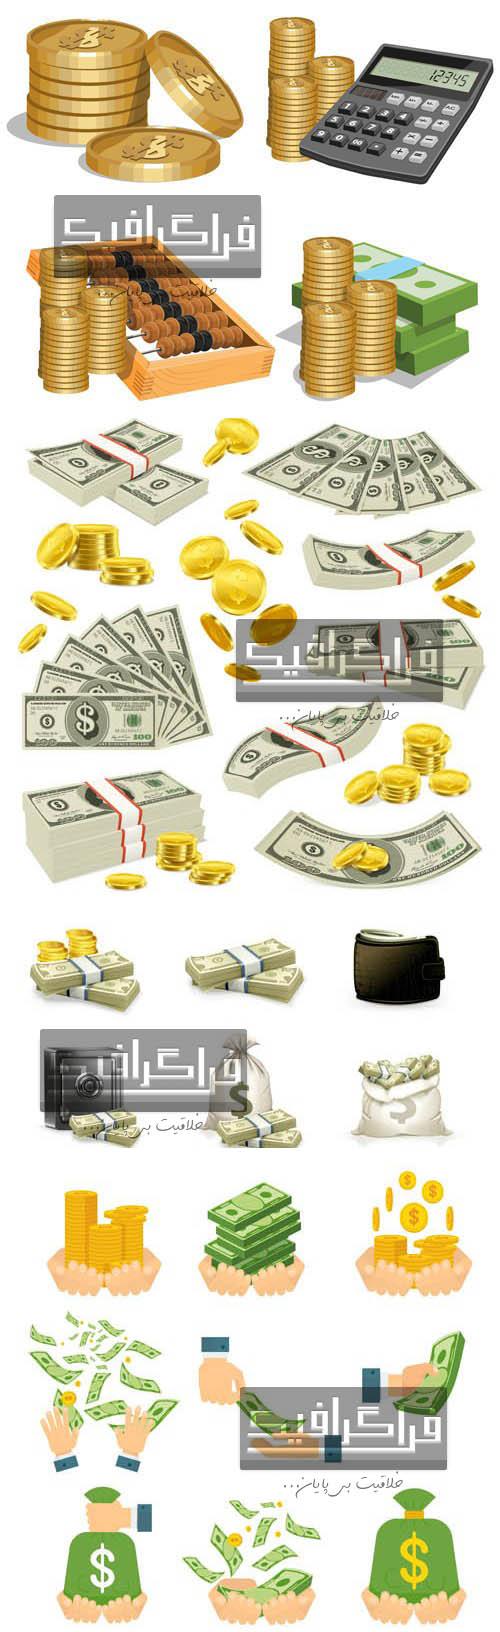 دانلود آیکون های وکتور پول و سکه - رایگان